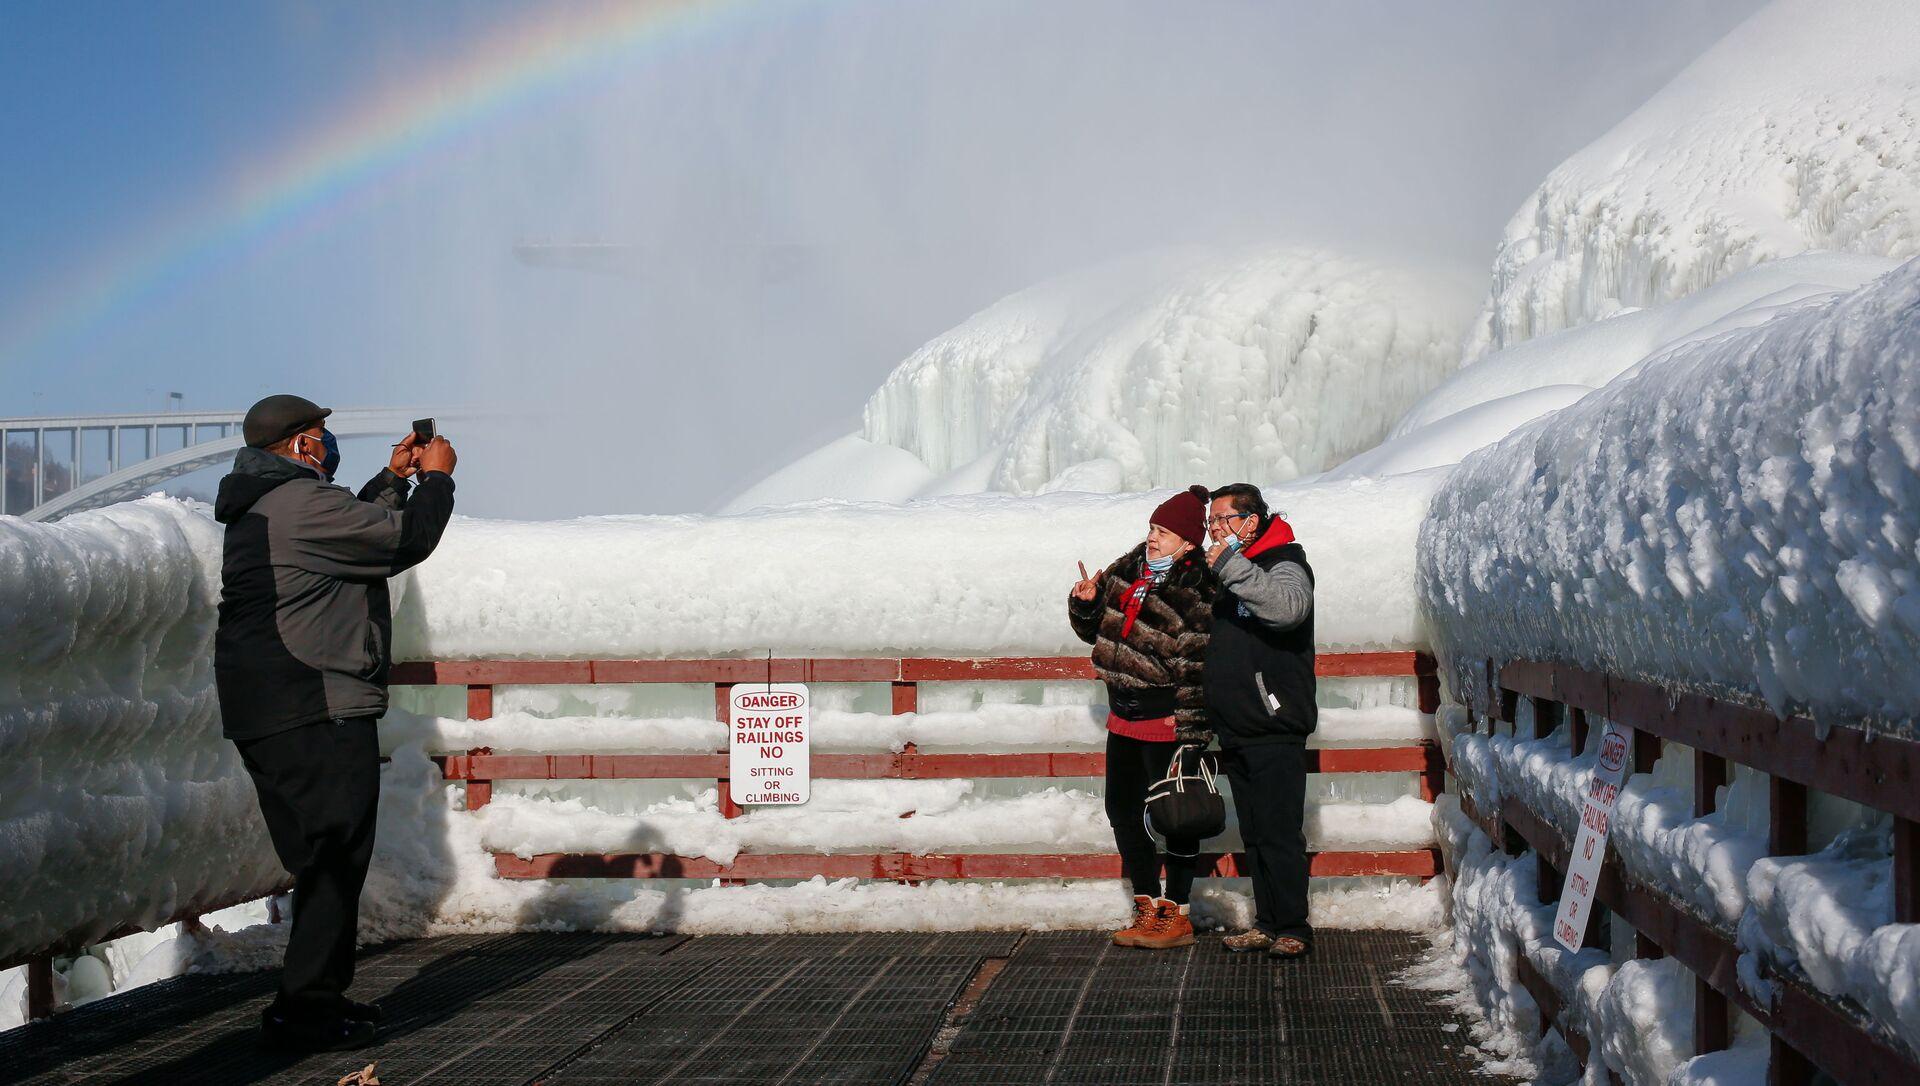 Туристы фотографируются на фоне замерзшего Ниагарского водопада - Sputnik Беларусь, 1920, 23.02.2021